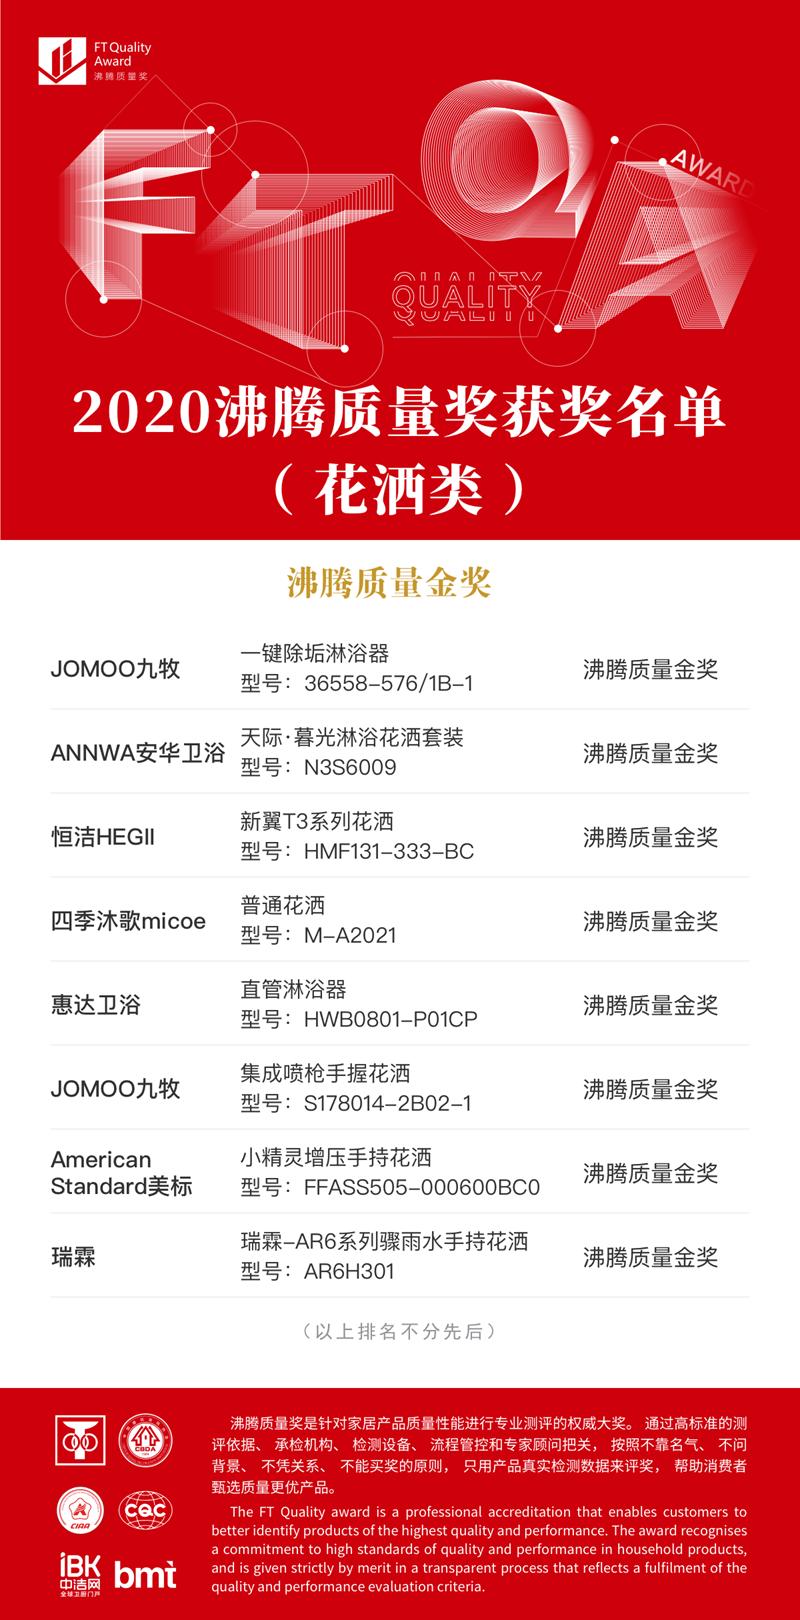 5 沸腾质量奖-花洒-金奖_副本.png